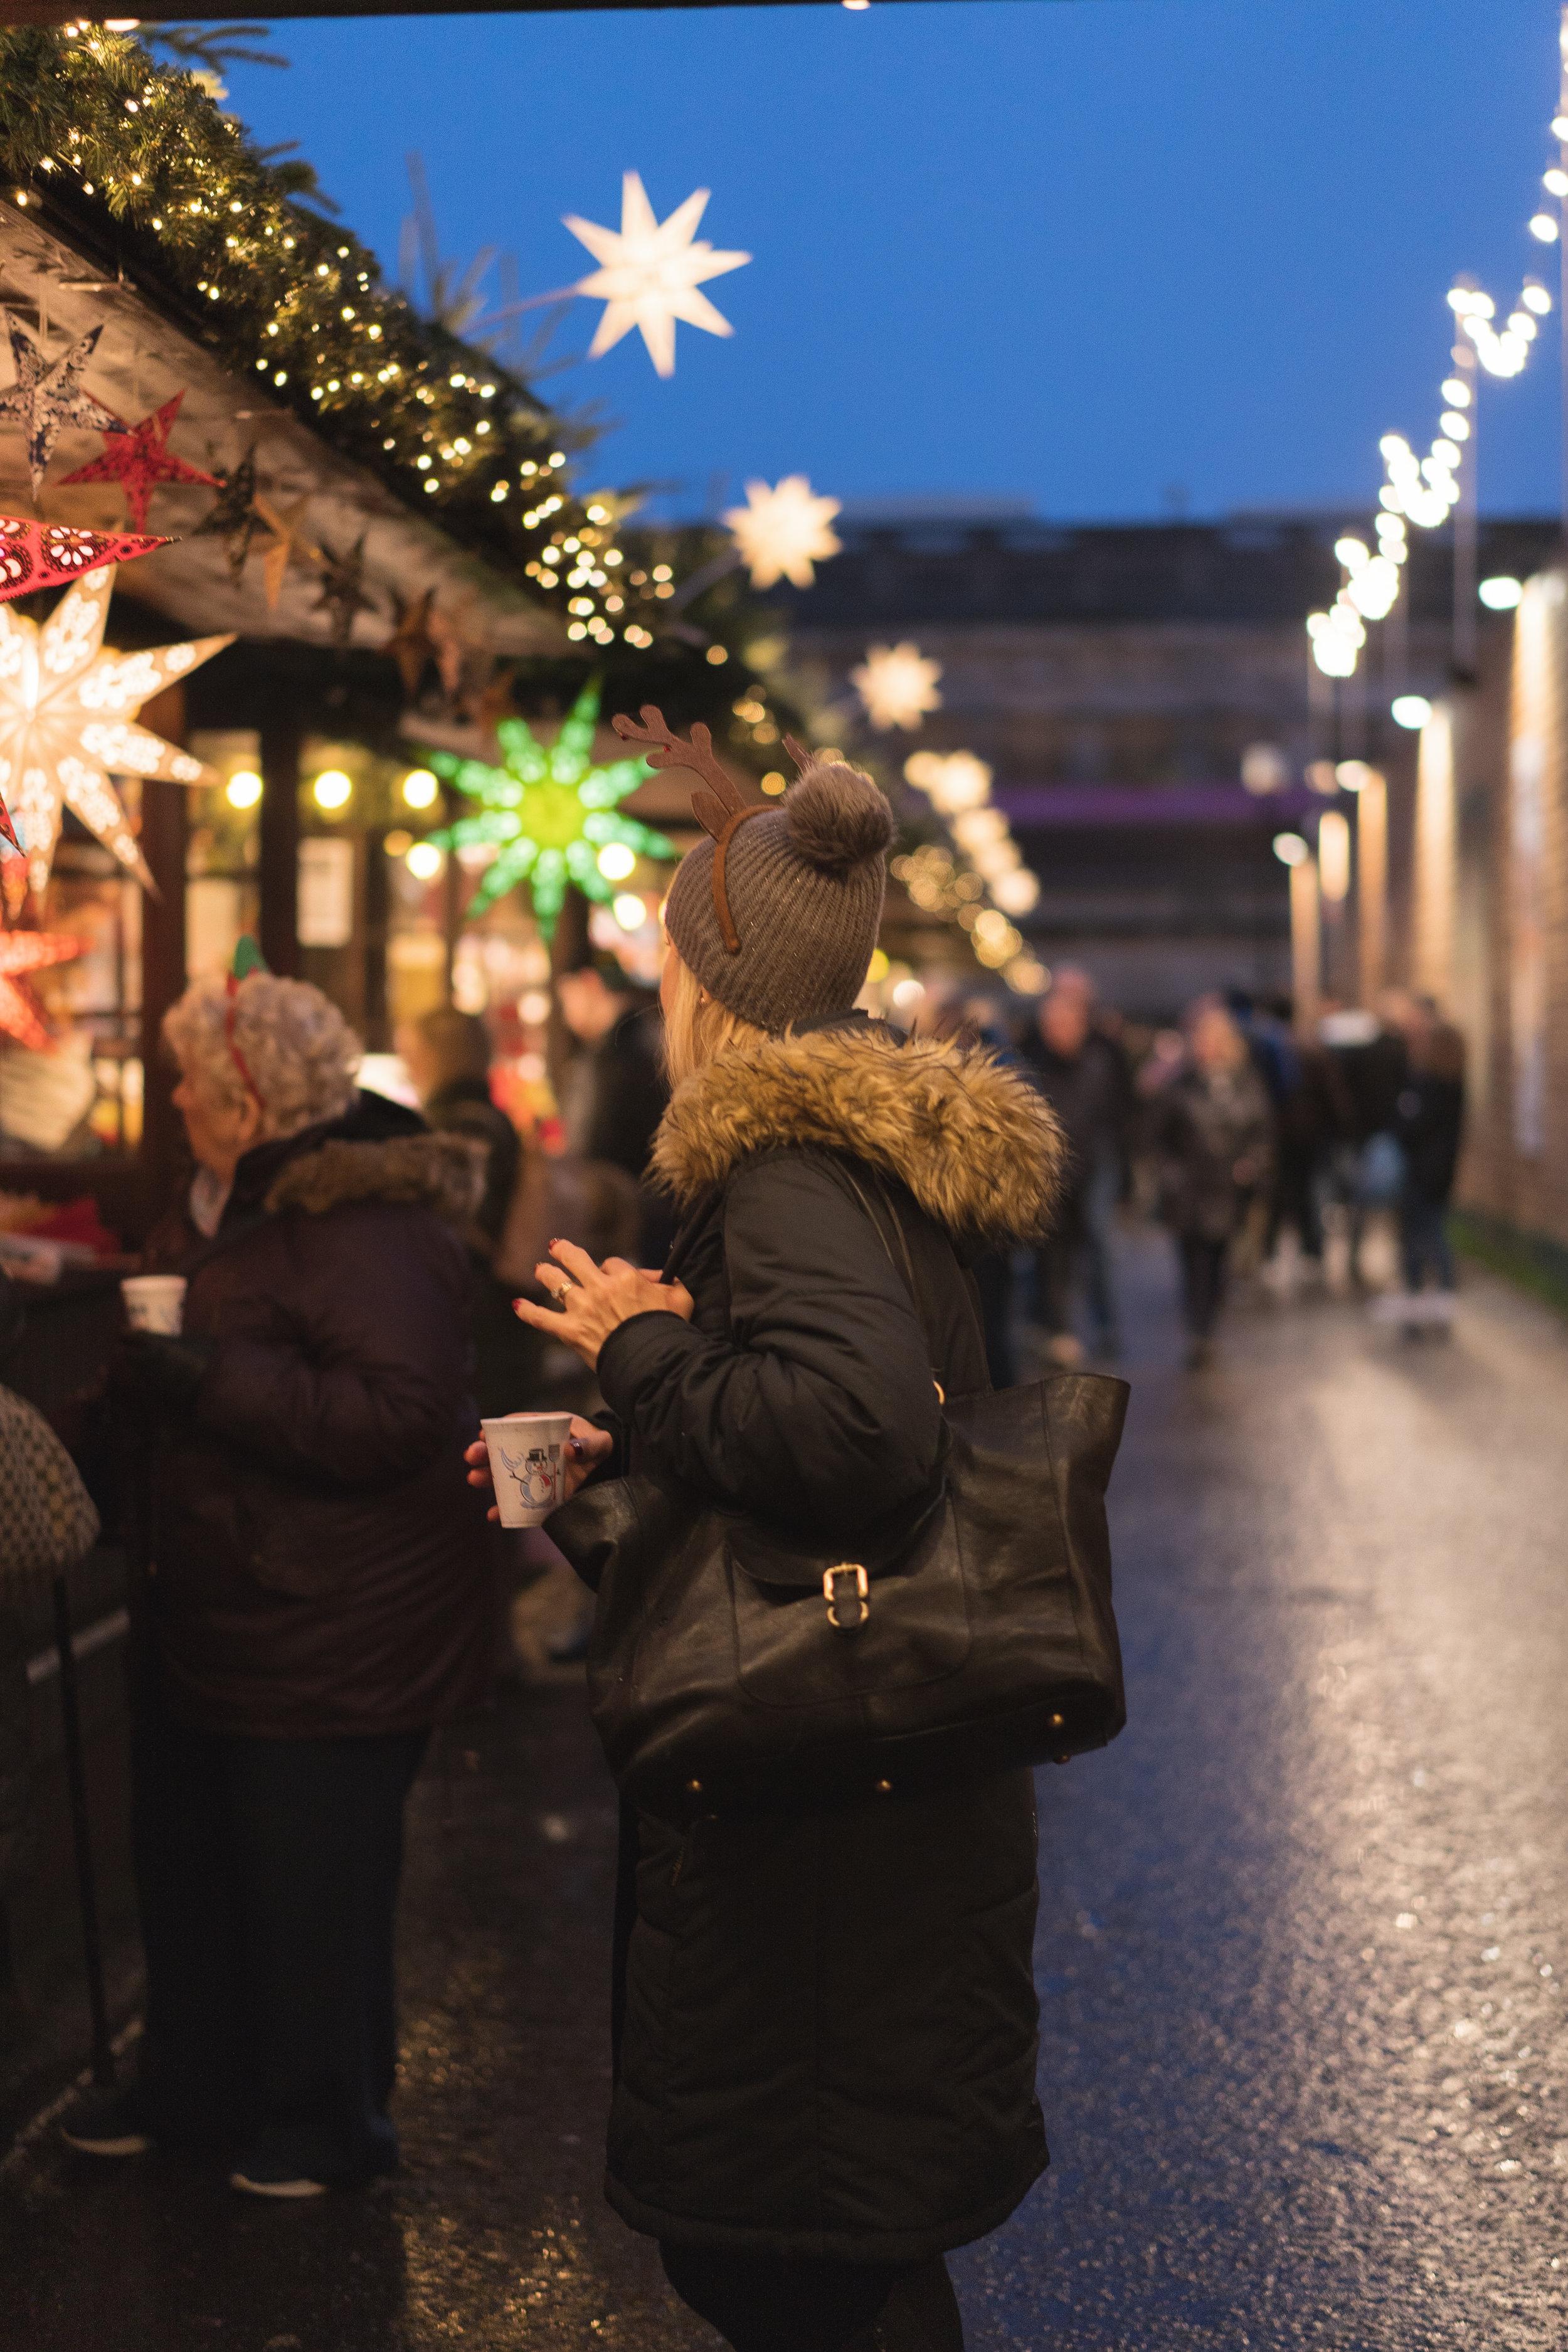 Nuremberg, Alemania - a. Pocos países del Mundo celebran las Navidades con la intensidad que lo hace Alemania, pero pocas ciudades en Alemania las celebran con la intensidad que los hace Nuremberg. Su famoso Christkindlesmarkt o mercado navideño ha sido reconocido como el más hermoso de todo Europa. El mismo cuenta con 180 puestos que venden juguetes, accesorios, velas, comida, vinos y dulces. Salir de noche y recorrer el mercado te permitirán observar las luces de colores las cuales crean un espectáculo de cuento de hadas.